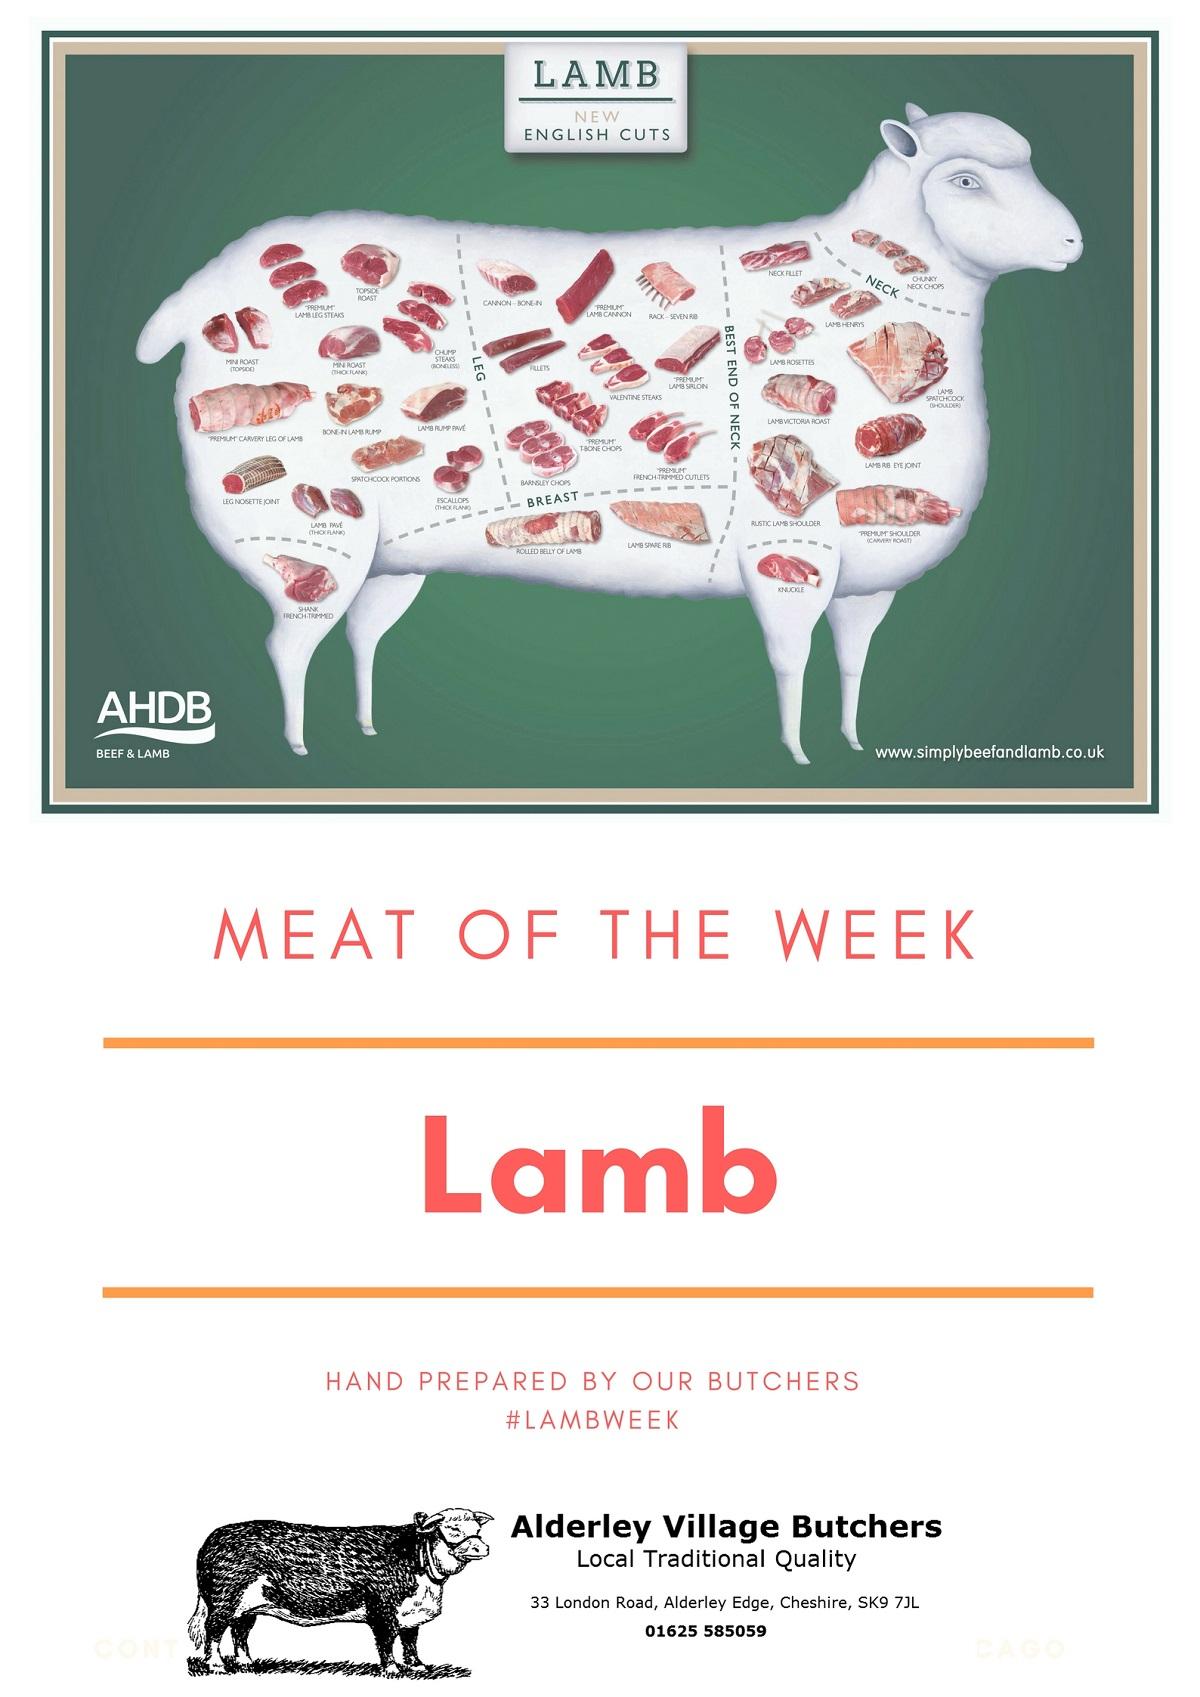 Lamb week